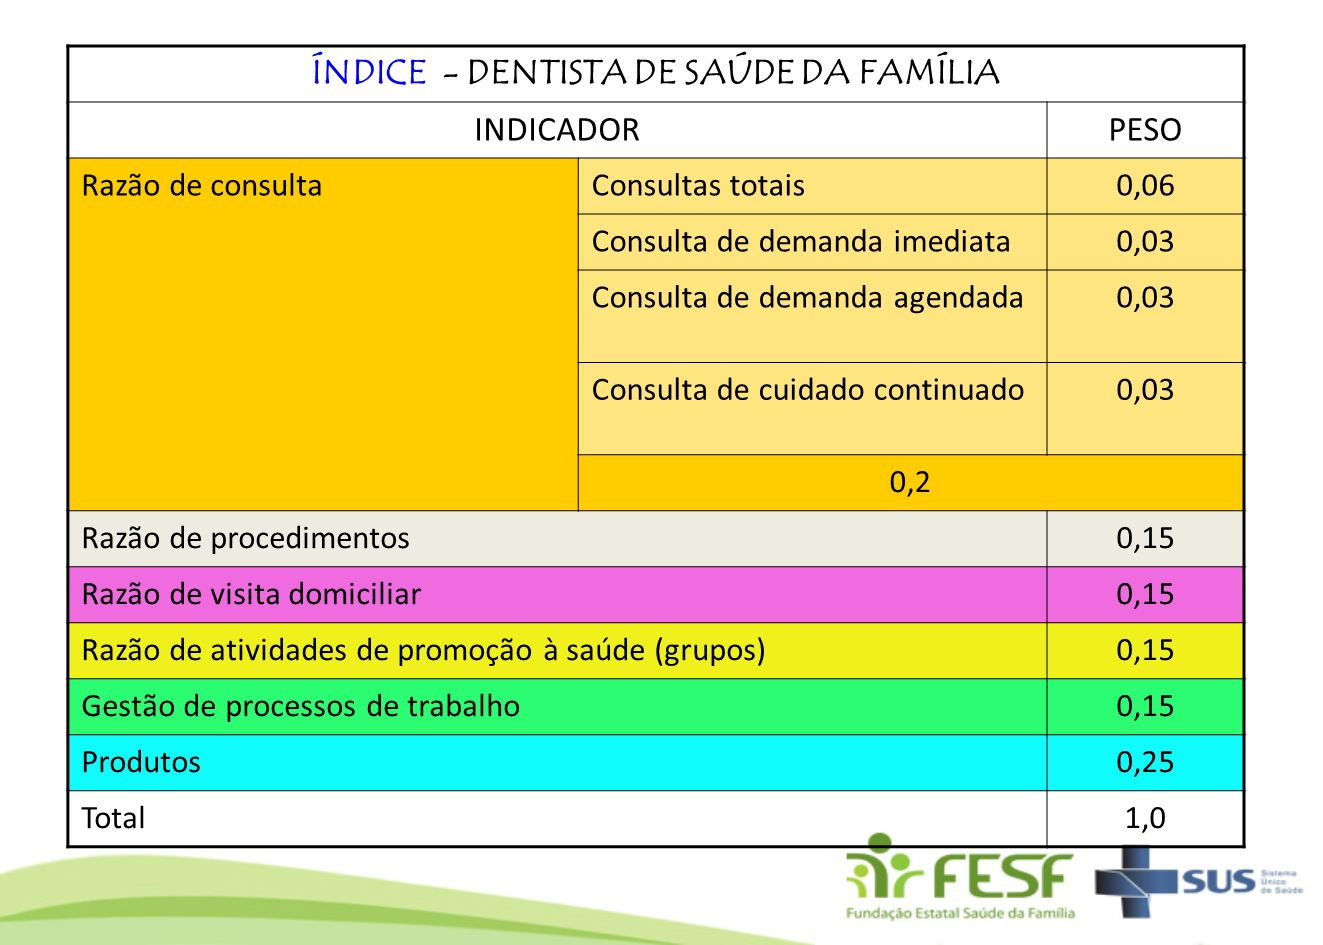 ÍNDICE - DENTISTA DE SAÚDE DA FAMÍLIA